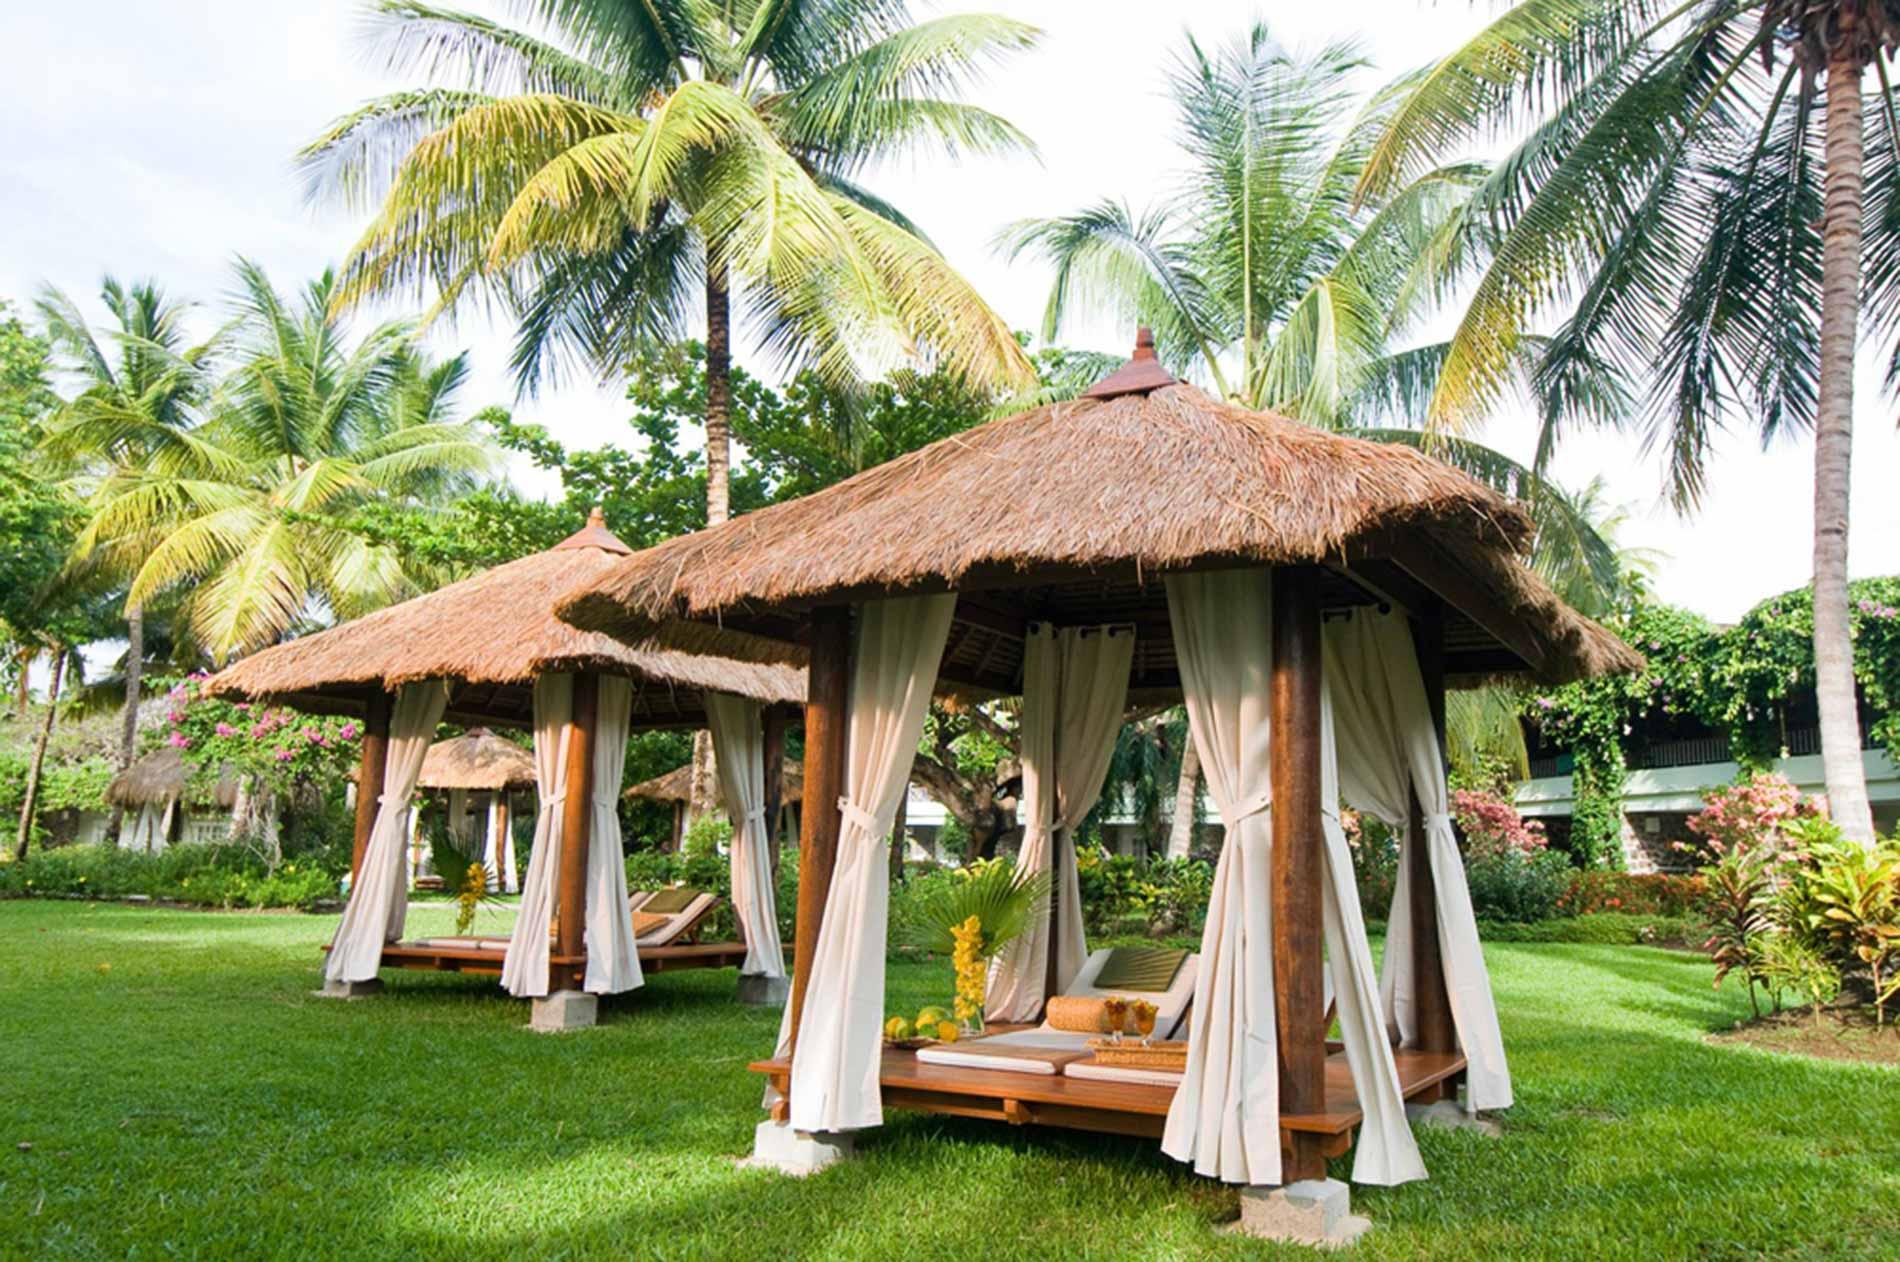 Sandals Saint Lucia, benessere per due  Uno dei bungalow per i trattamenti nei Sandals Saint Lucia